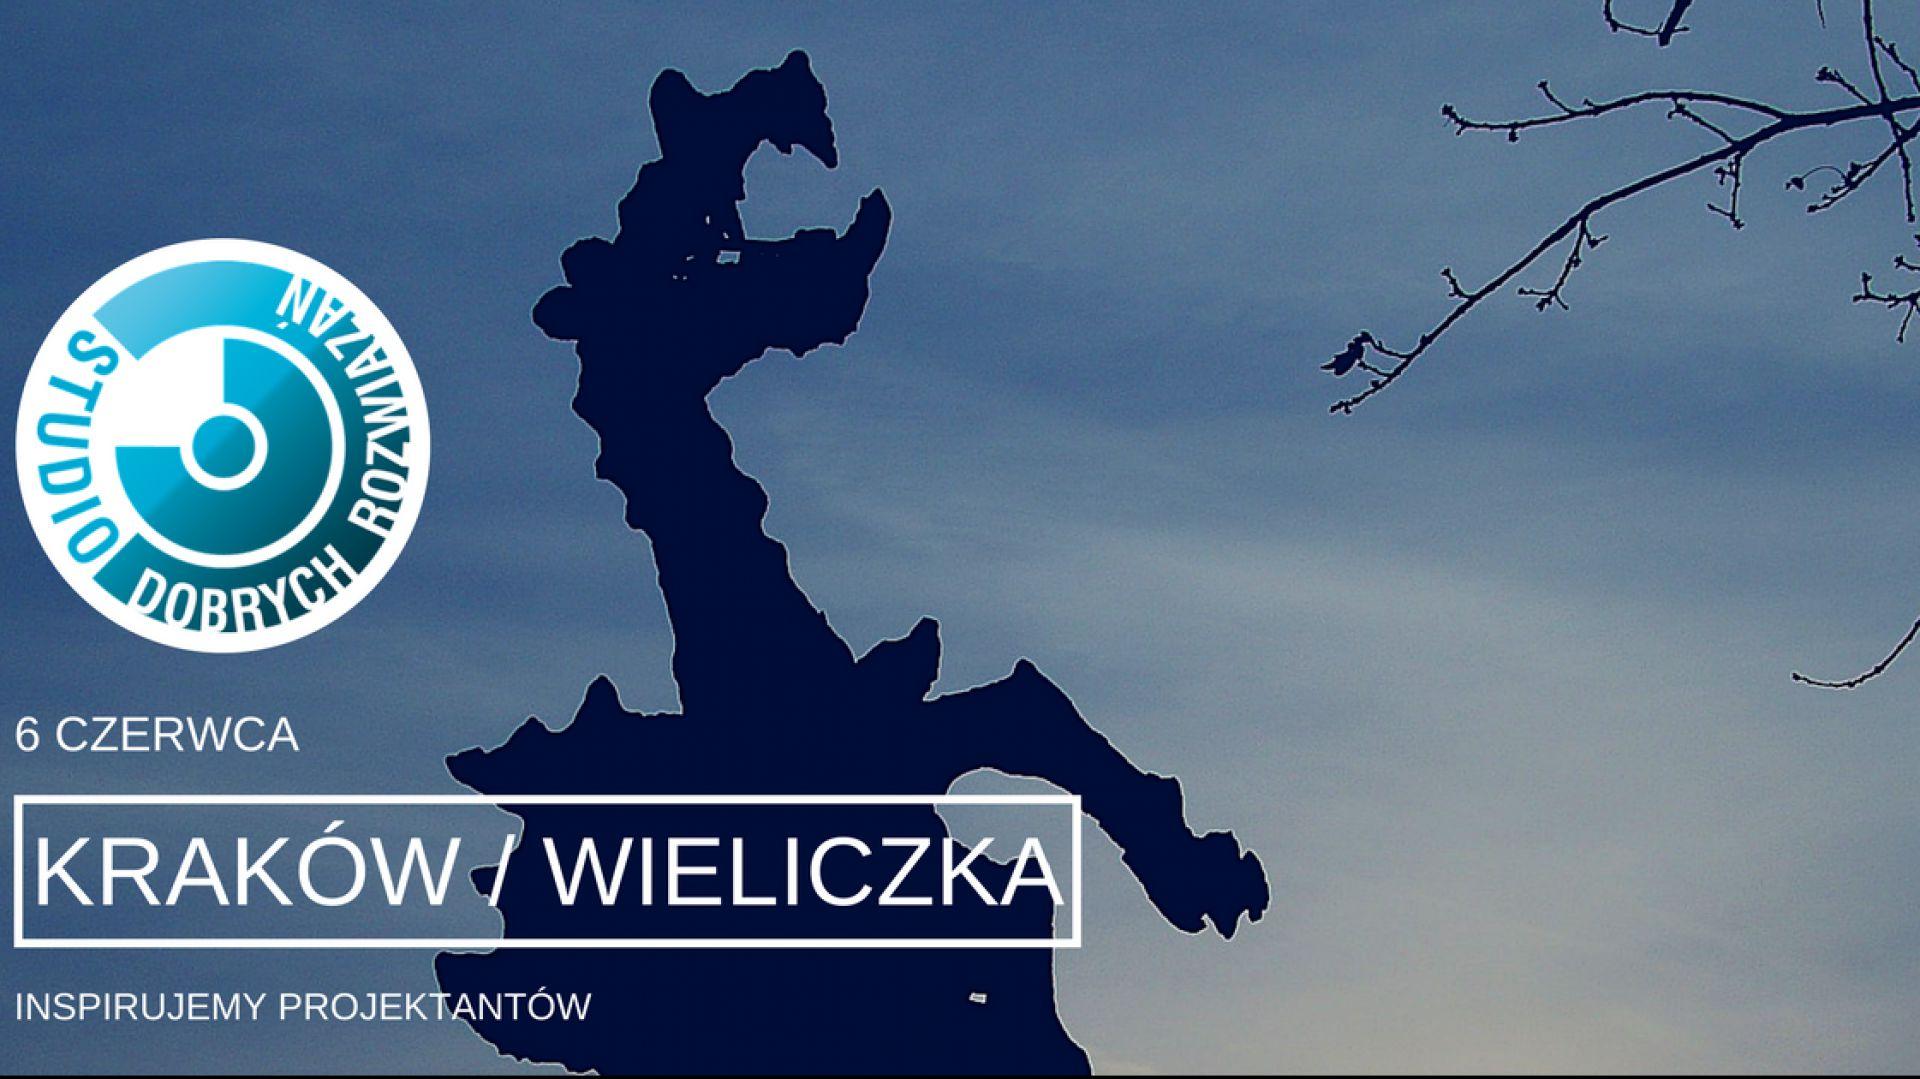 SDR Kraków